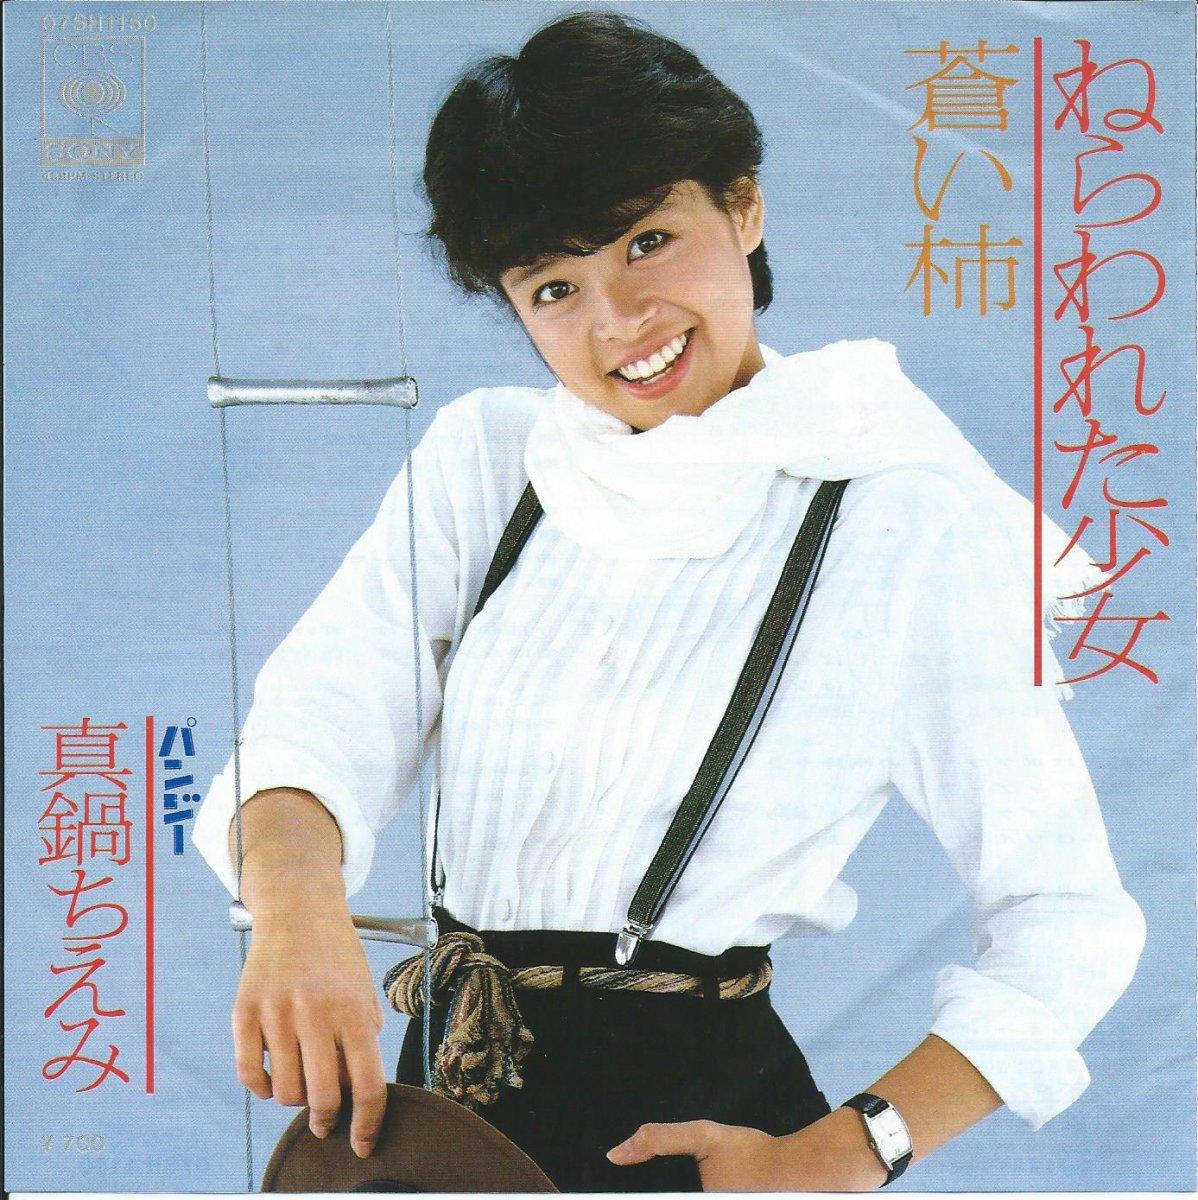 真鍋ちえみ (パンジー) CHIEMI MANABE / ねらわれた少女 / 蒼い柿 (7